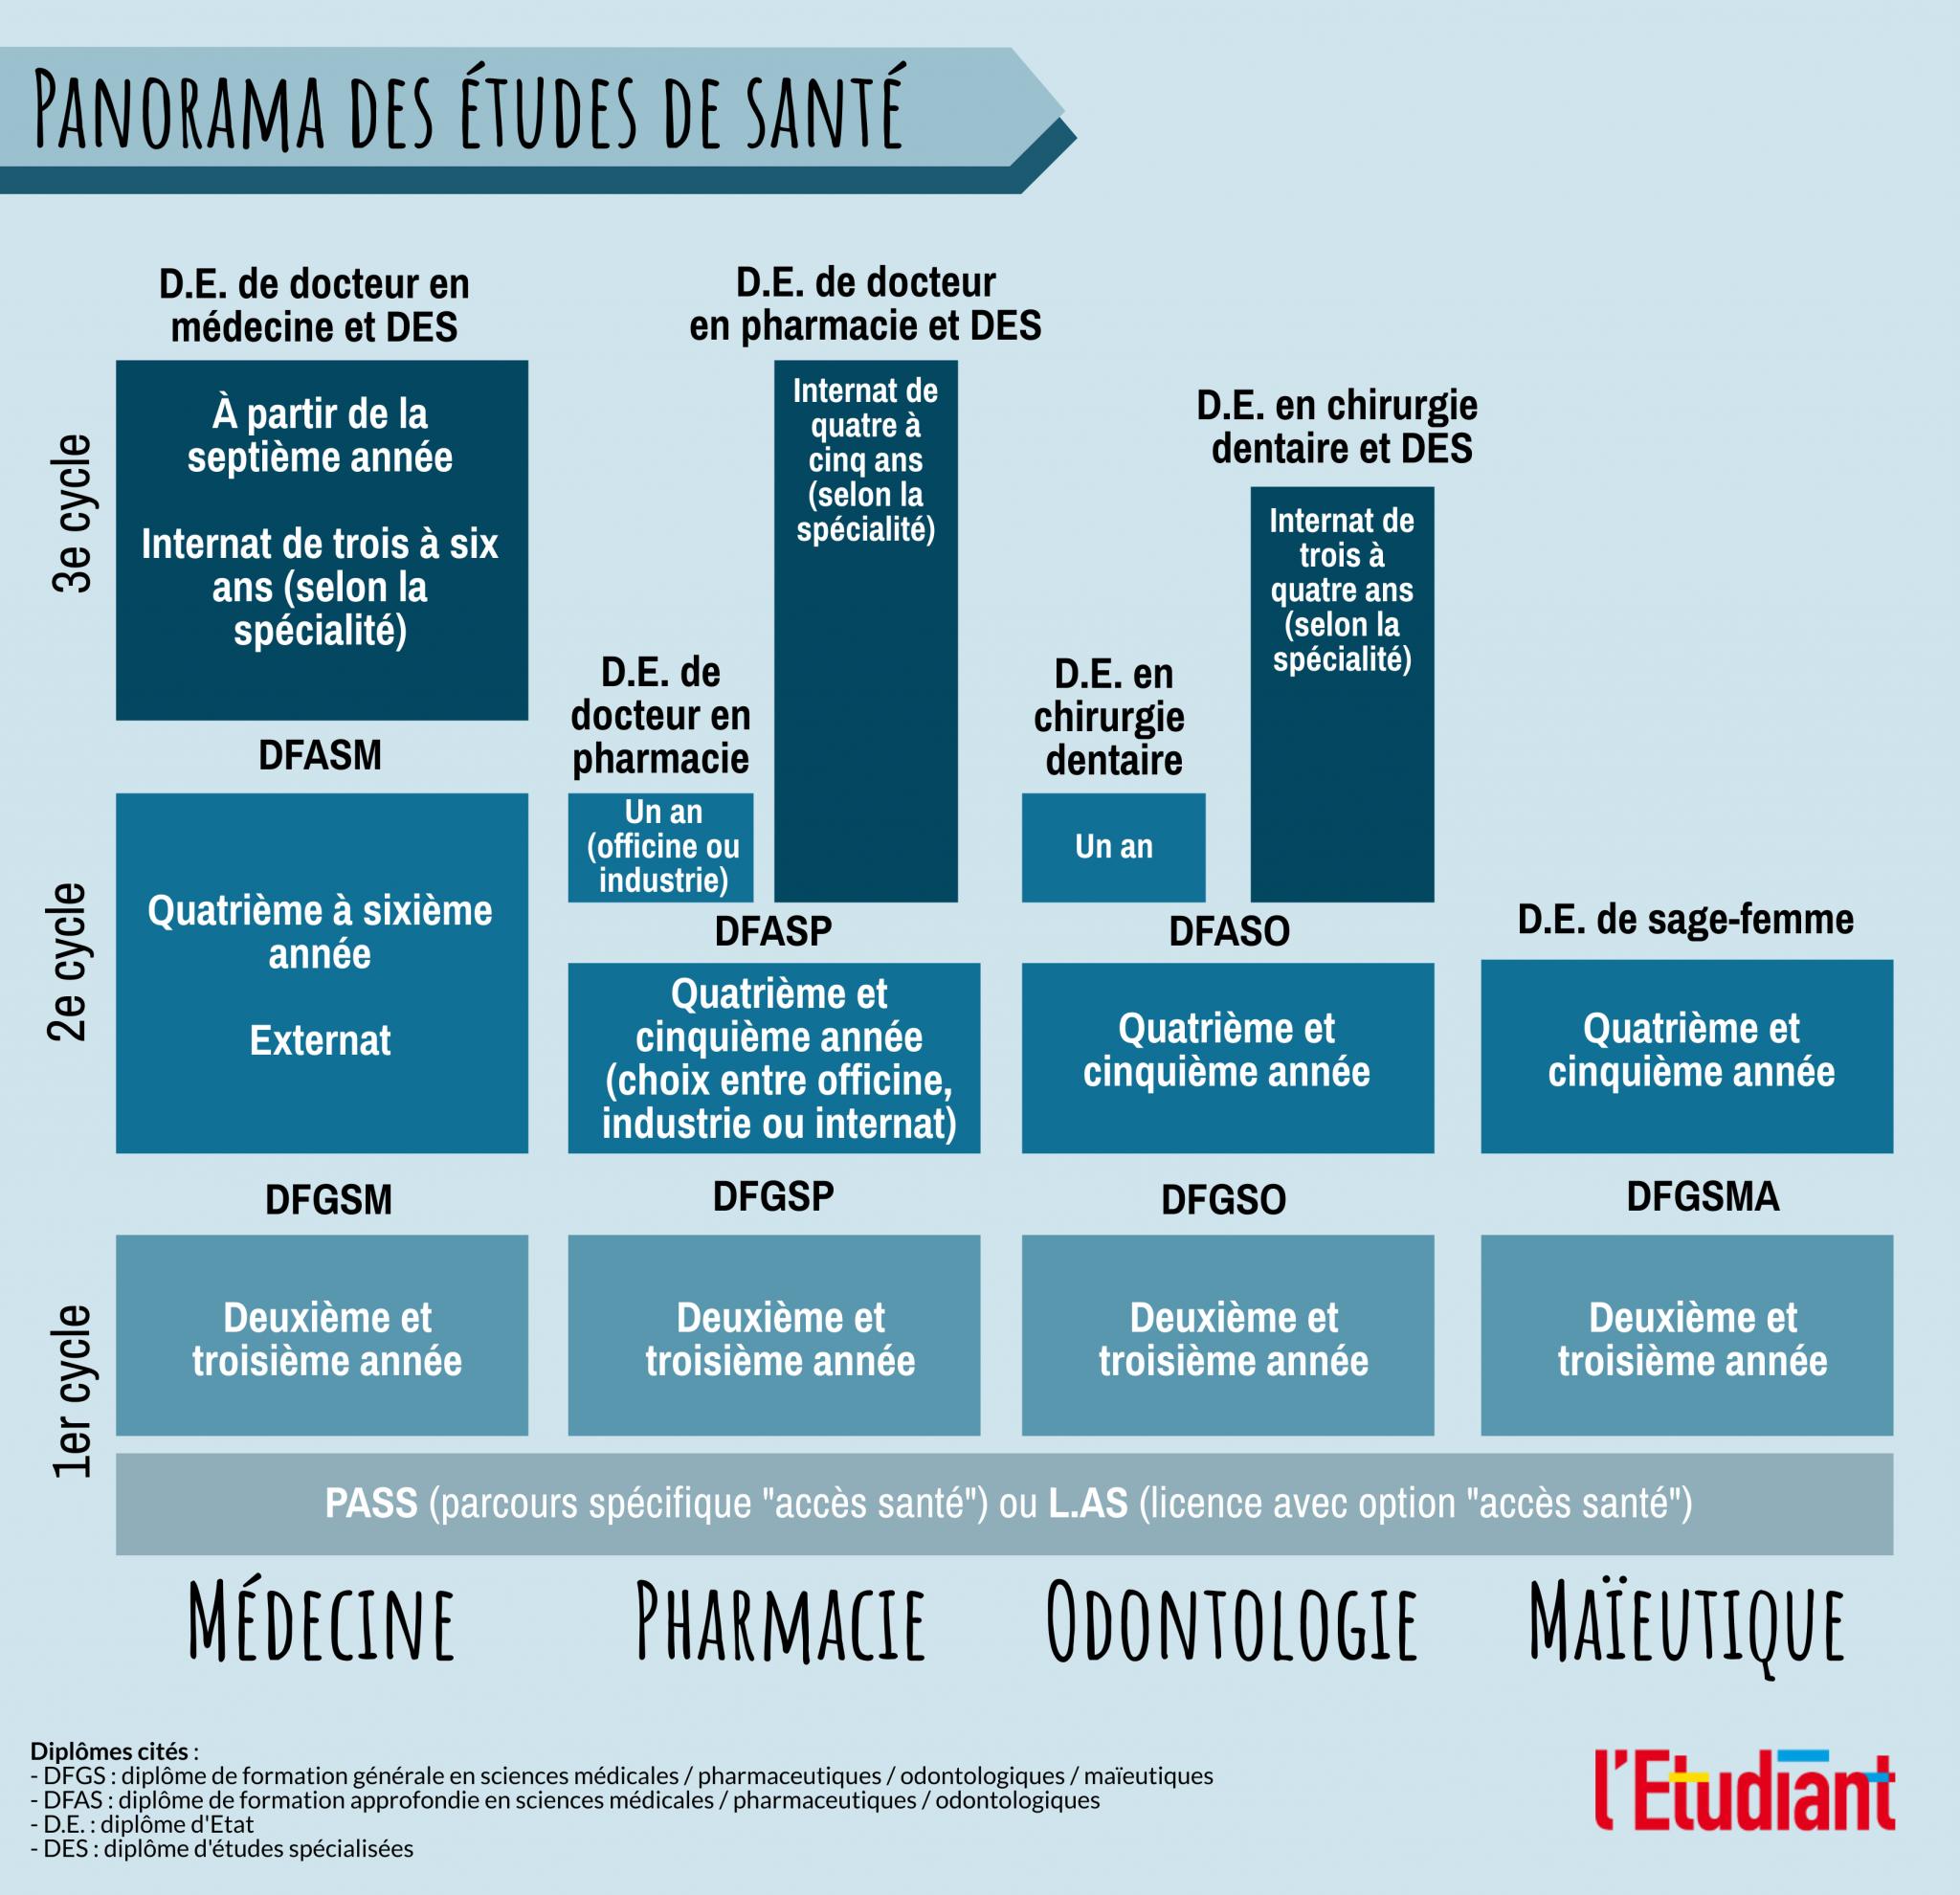 Le panorama des études de santé (médecine, pharmacie, odontologie, maïeutique).